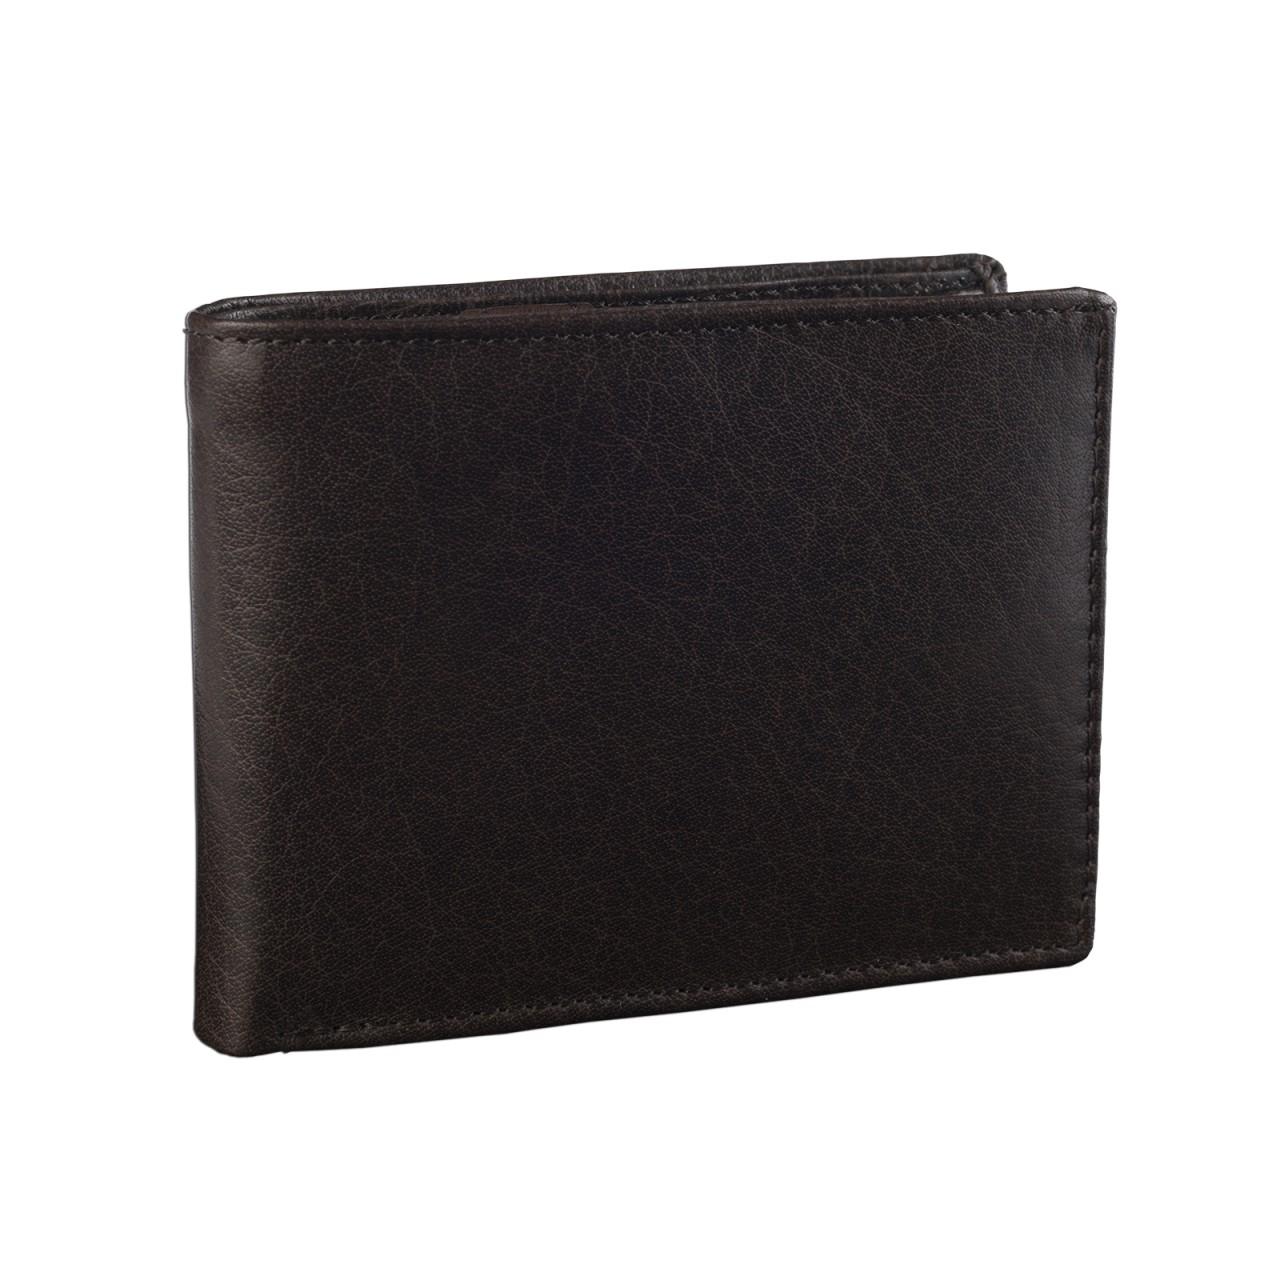 STILORD Portemonnaie Herren aus Leder Geldbörse Portmonee Brieftasche Geldbeutel Geldtasche Kartenfach Leder braun - Bild 1